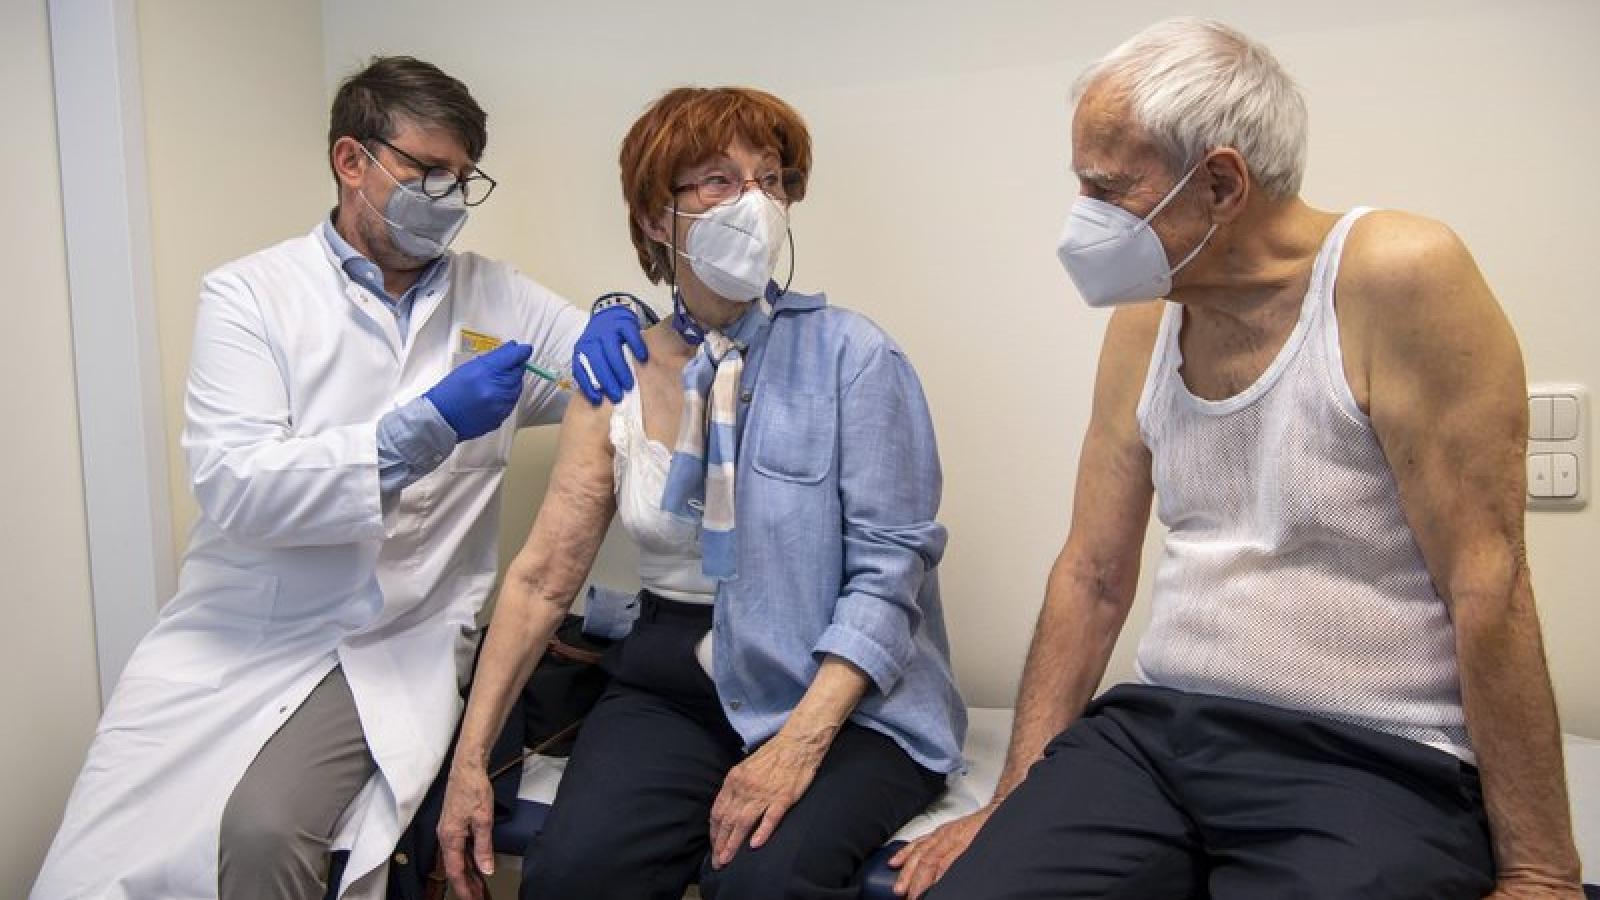 Các quốc gia EU hỗ trợ hàng chục nghìn liều vaccineCovid-19 cho CH Séc